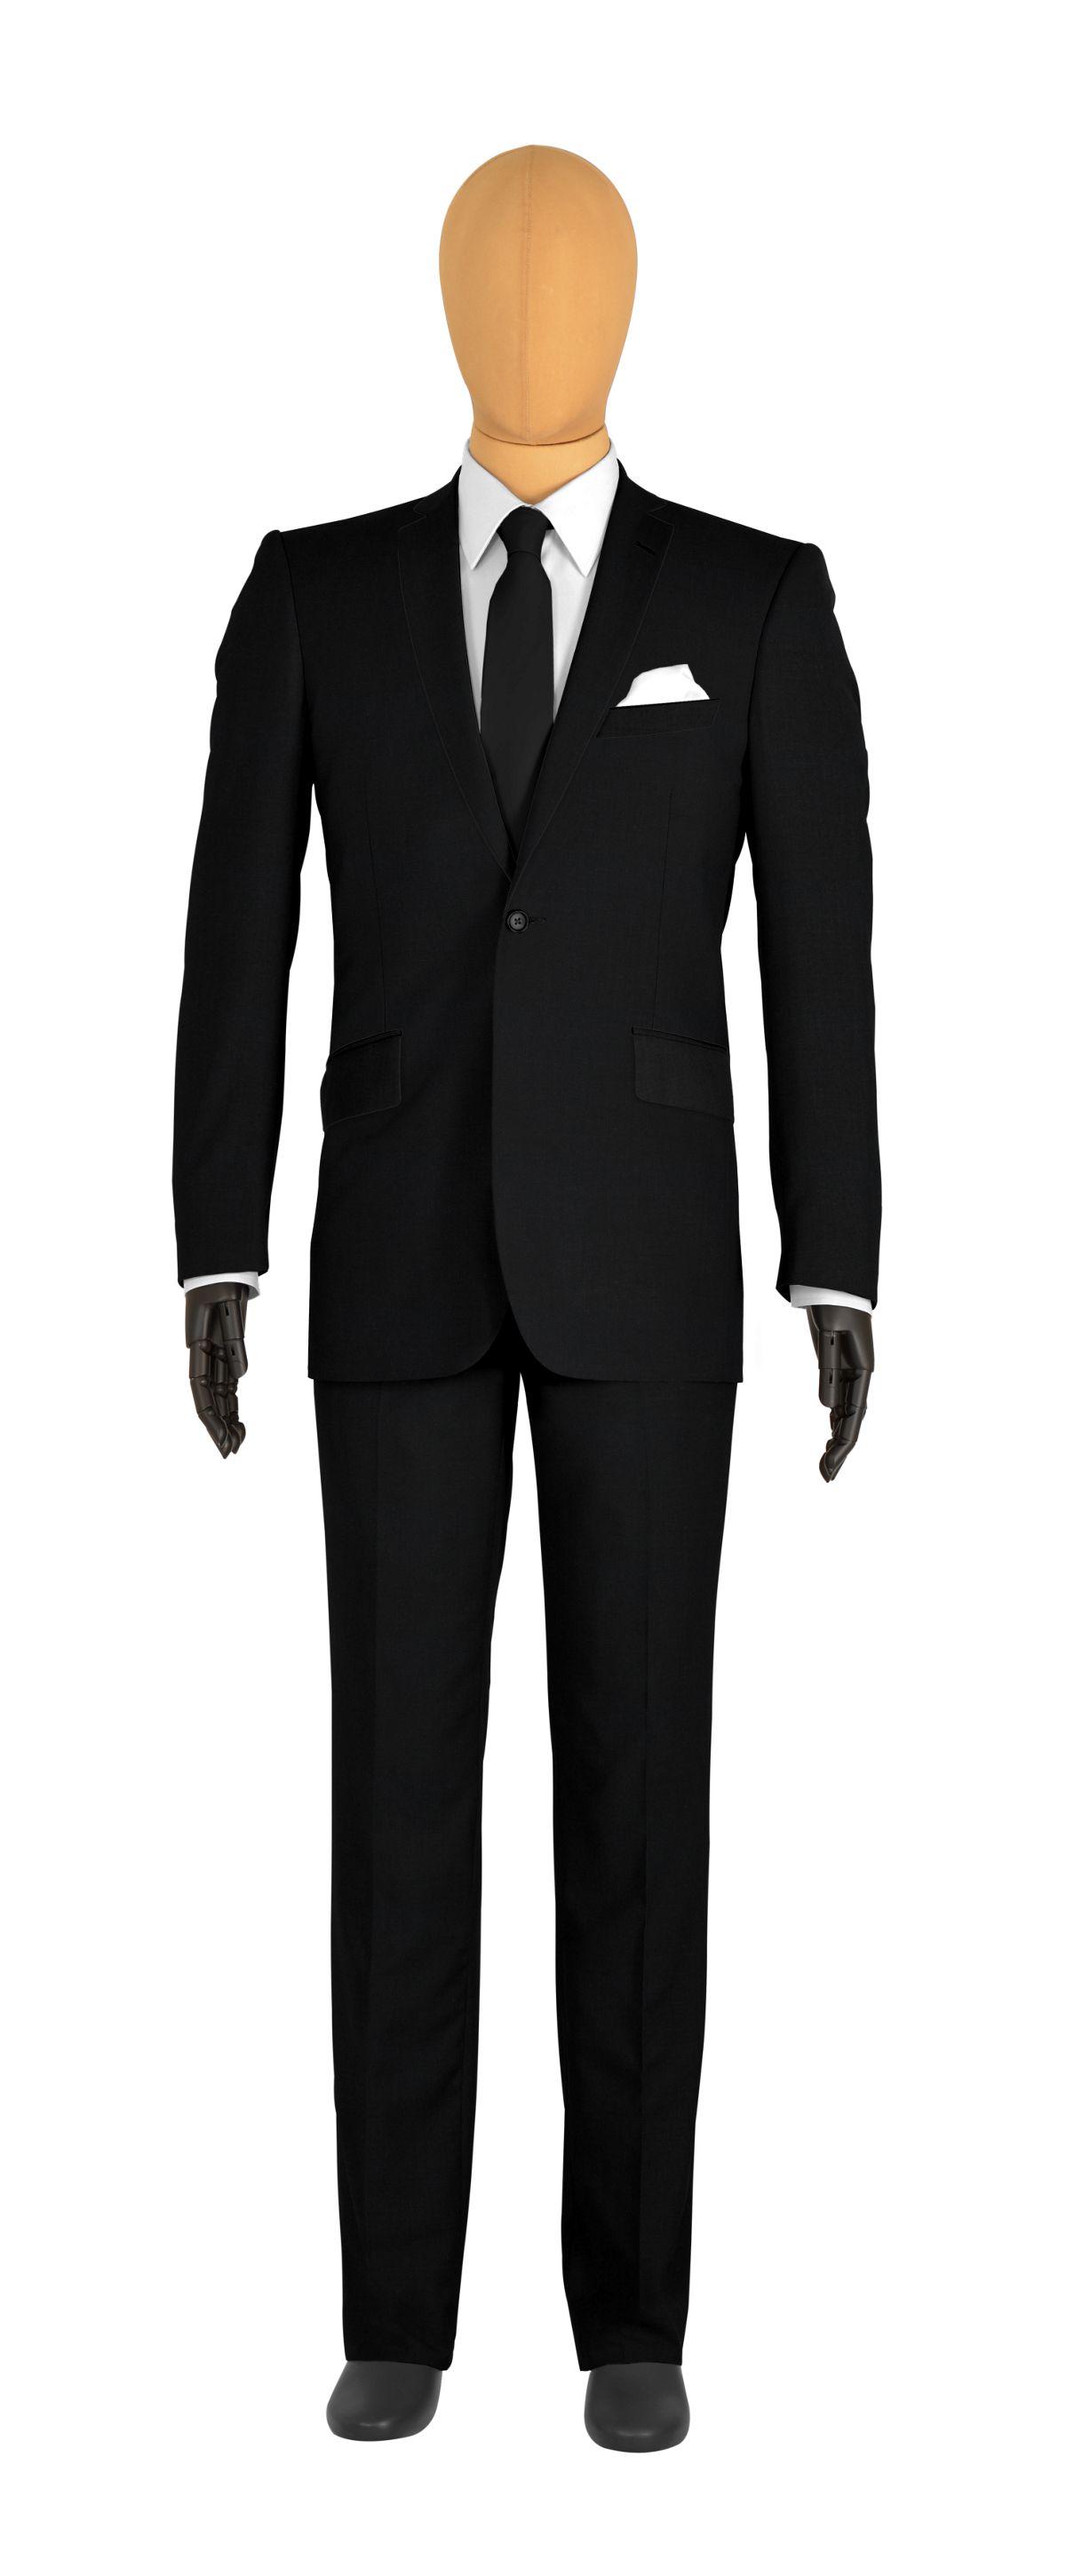 costume 1 bouton noir doublure grise